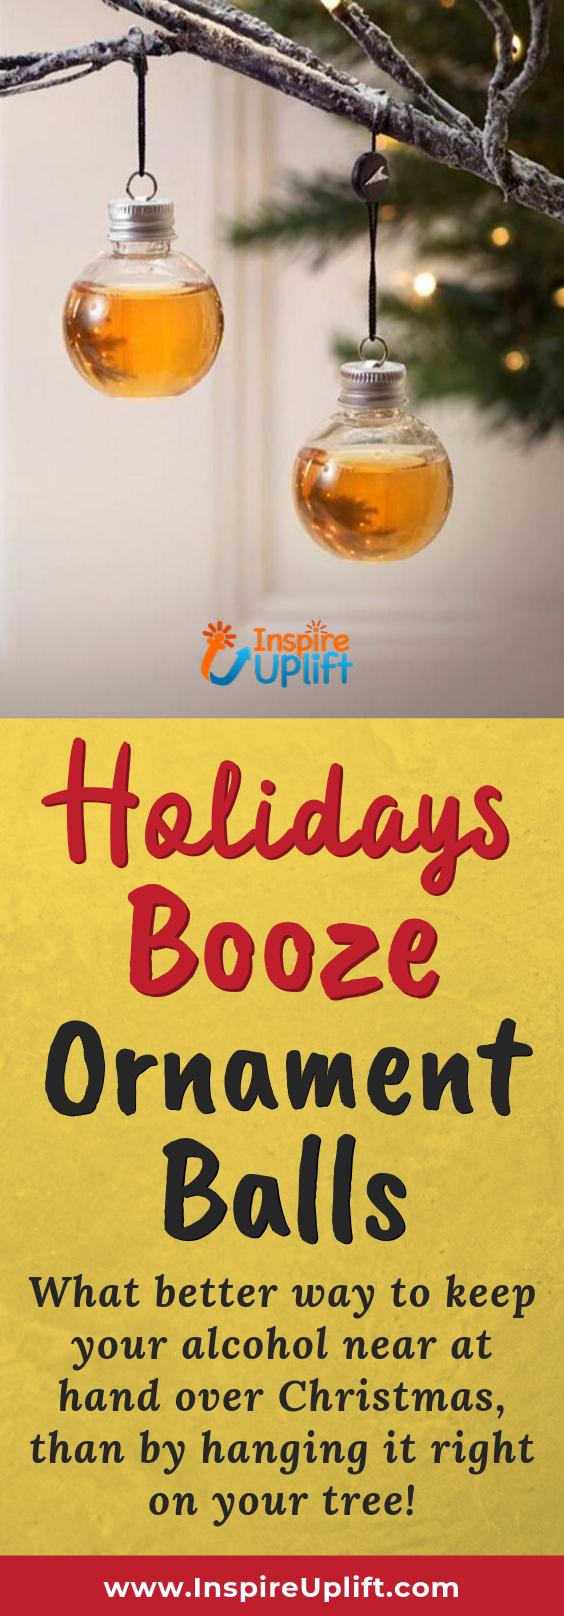 Holidays Booze Ornament Balls 😍 InspireUplift.com